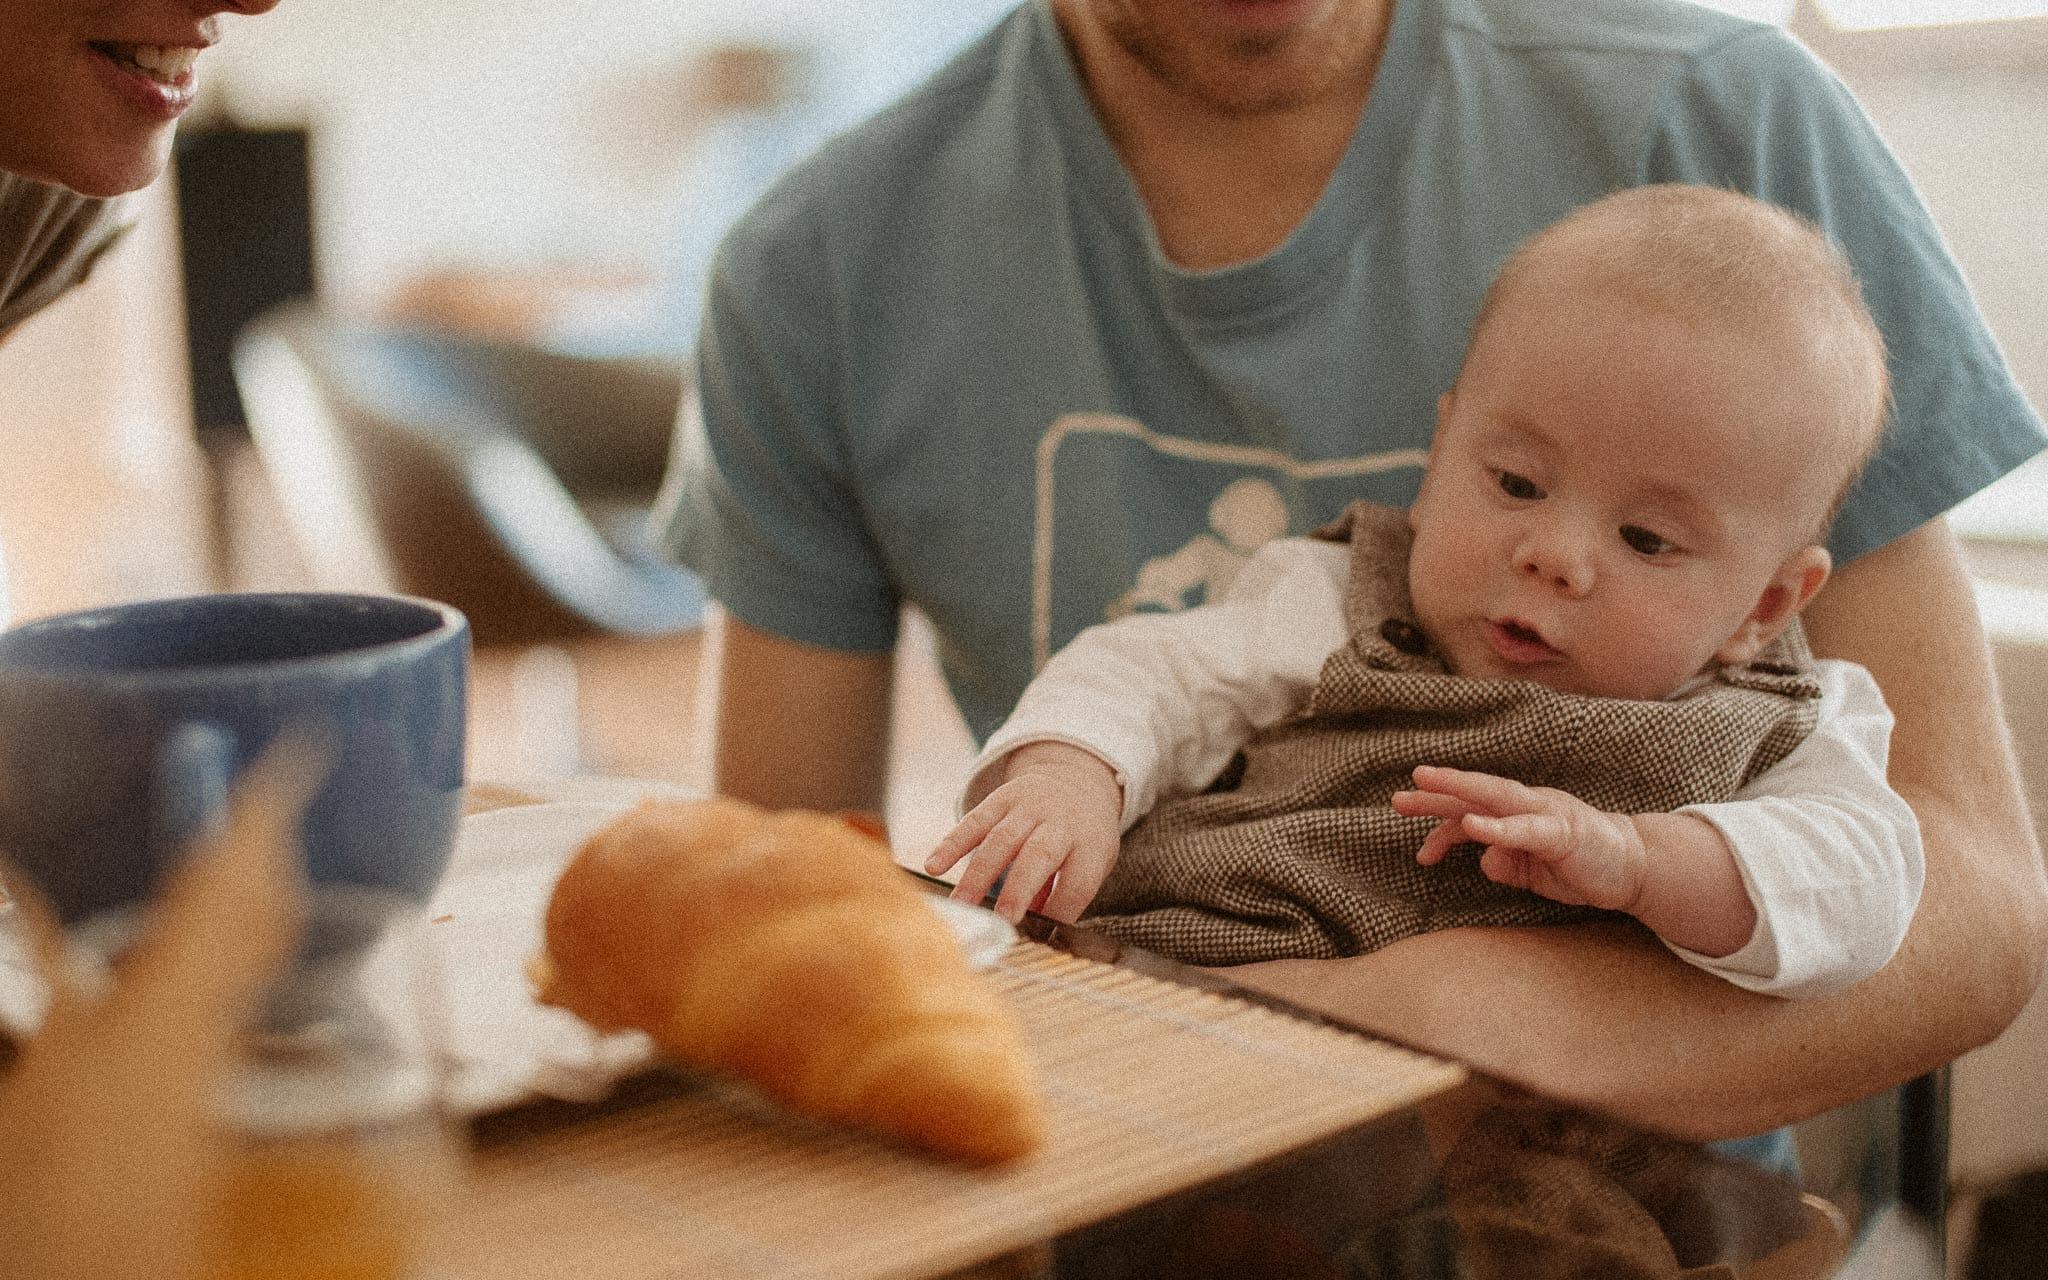 Séance photo lifestyle de famille de jeunes parents et d'un bébé en région parisienne à Saint Germain en Laye par Geoffrey Arnoldy photographe